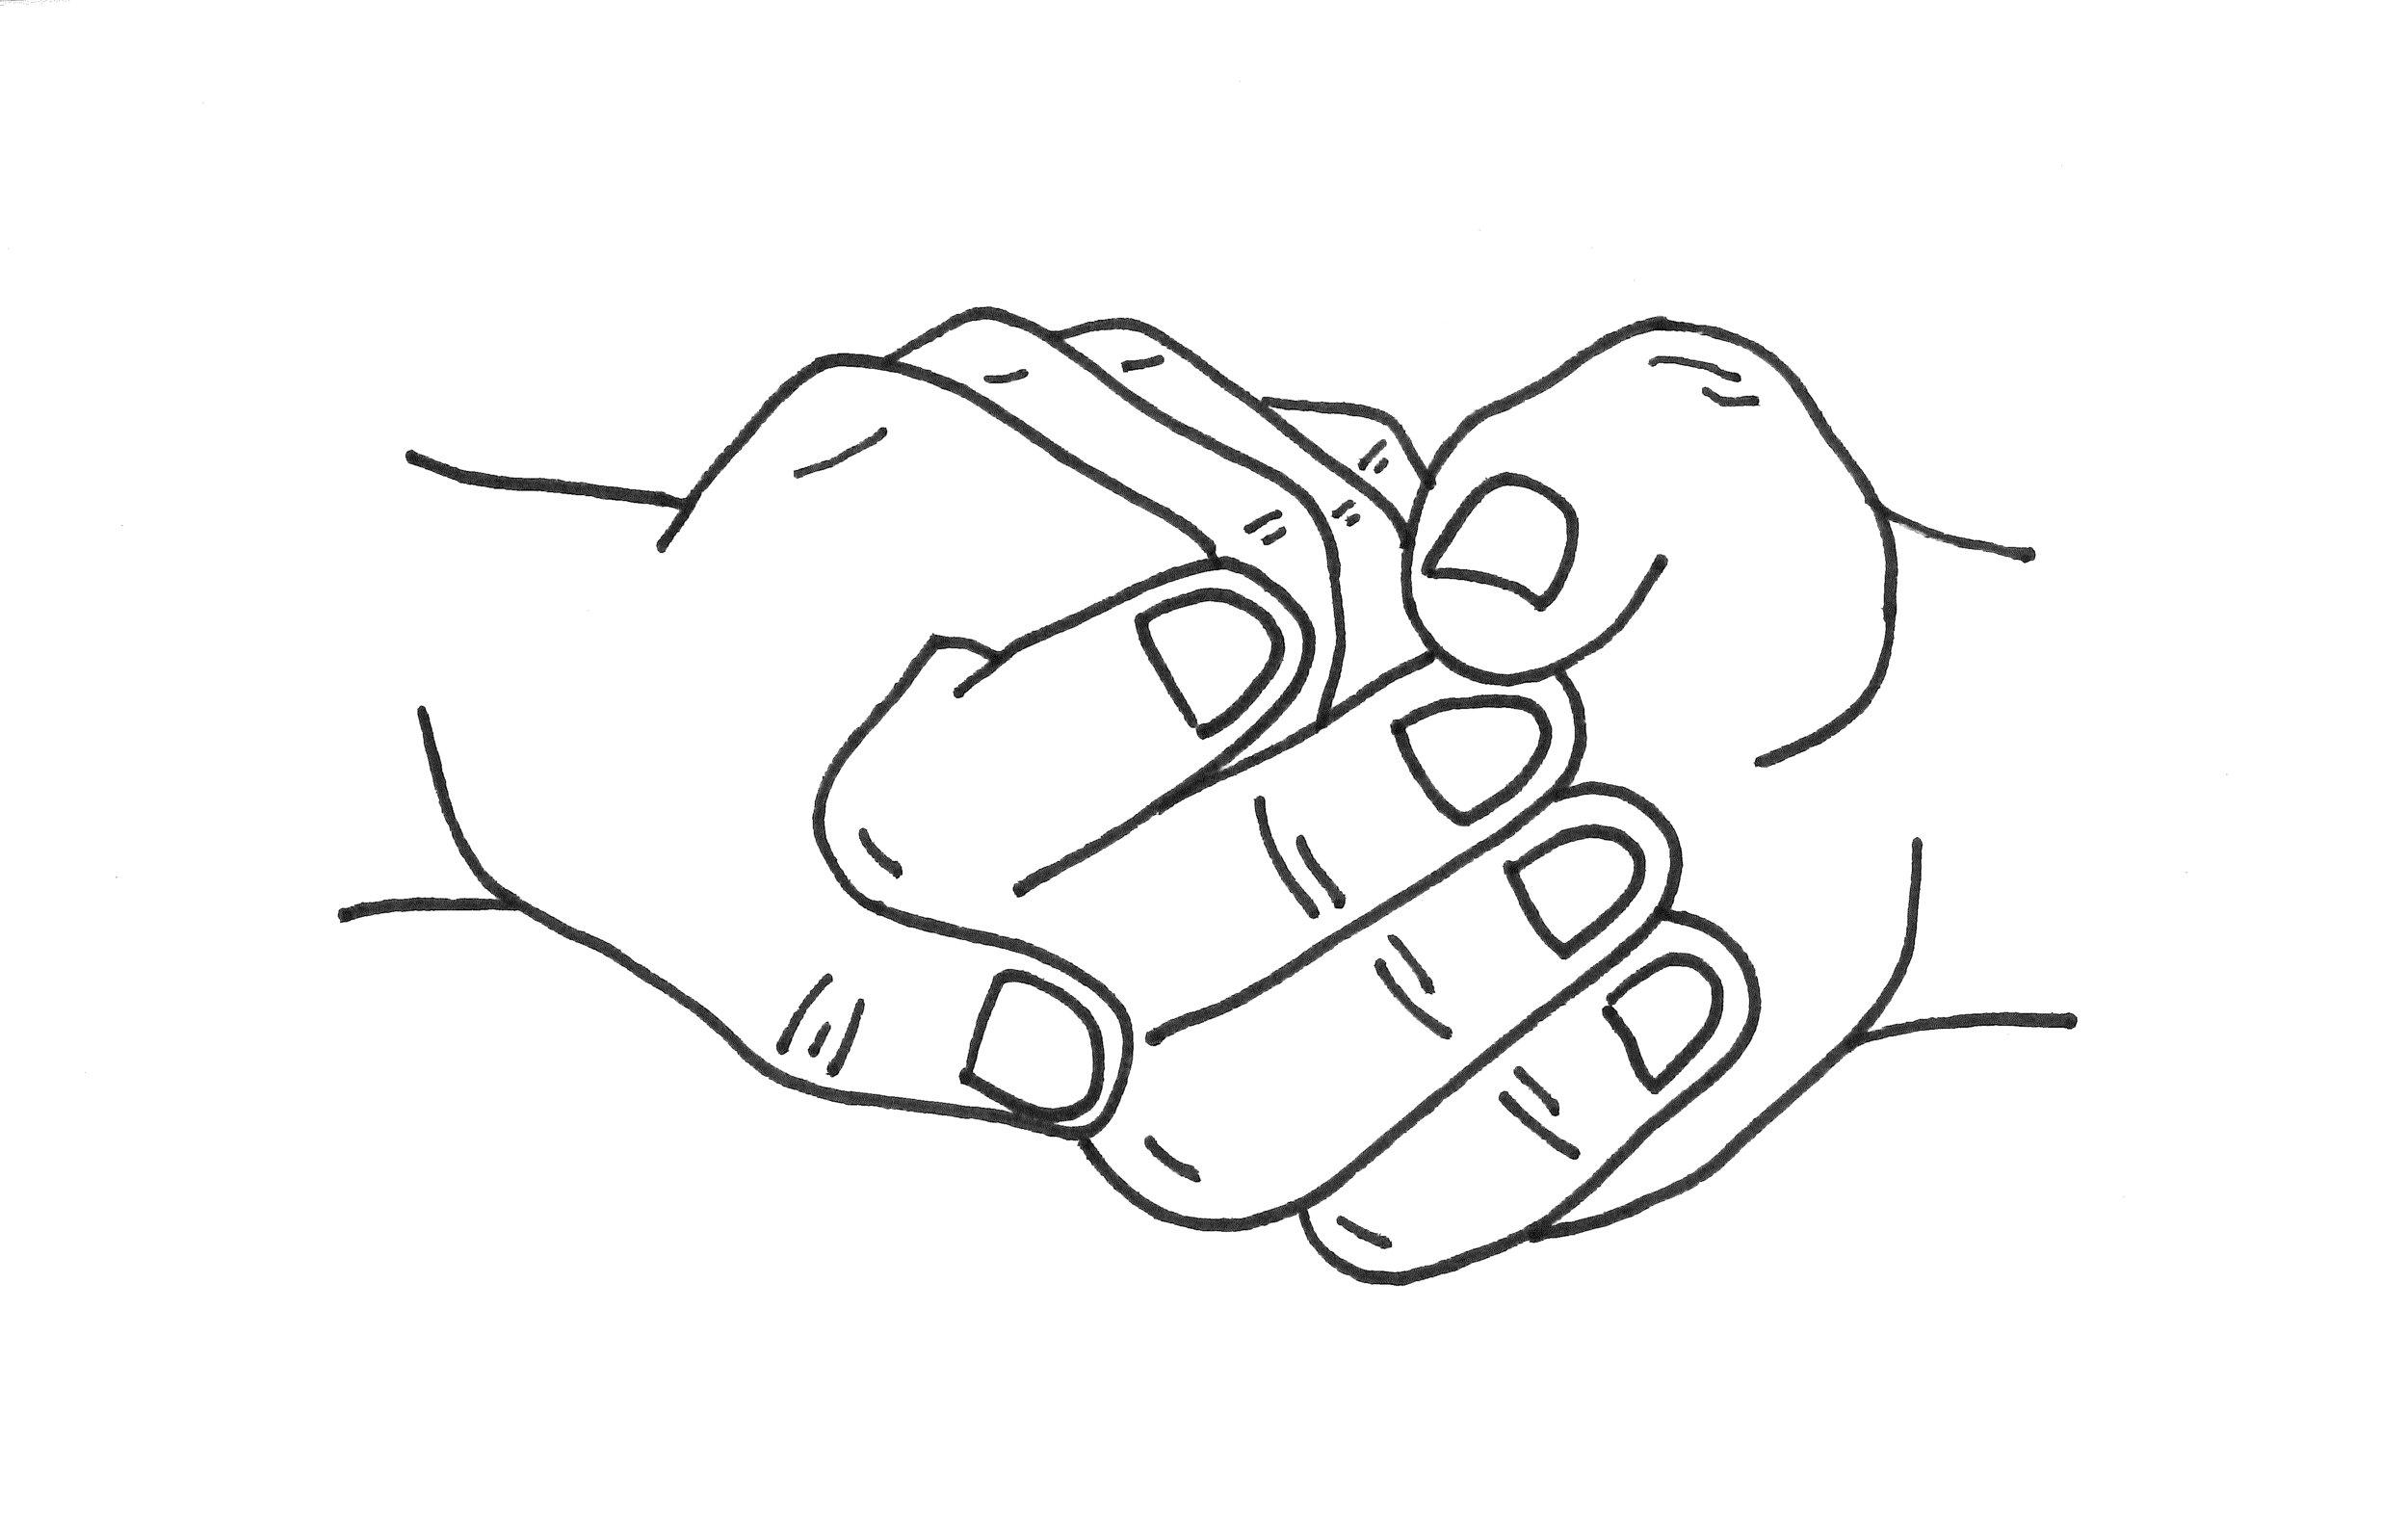 hands 9.14.jpg